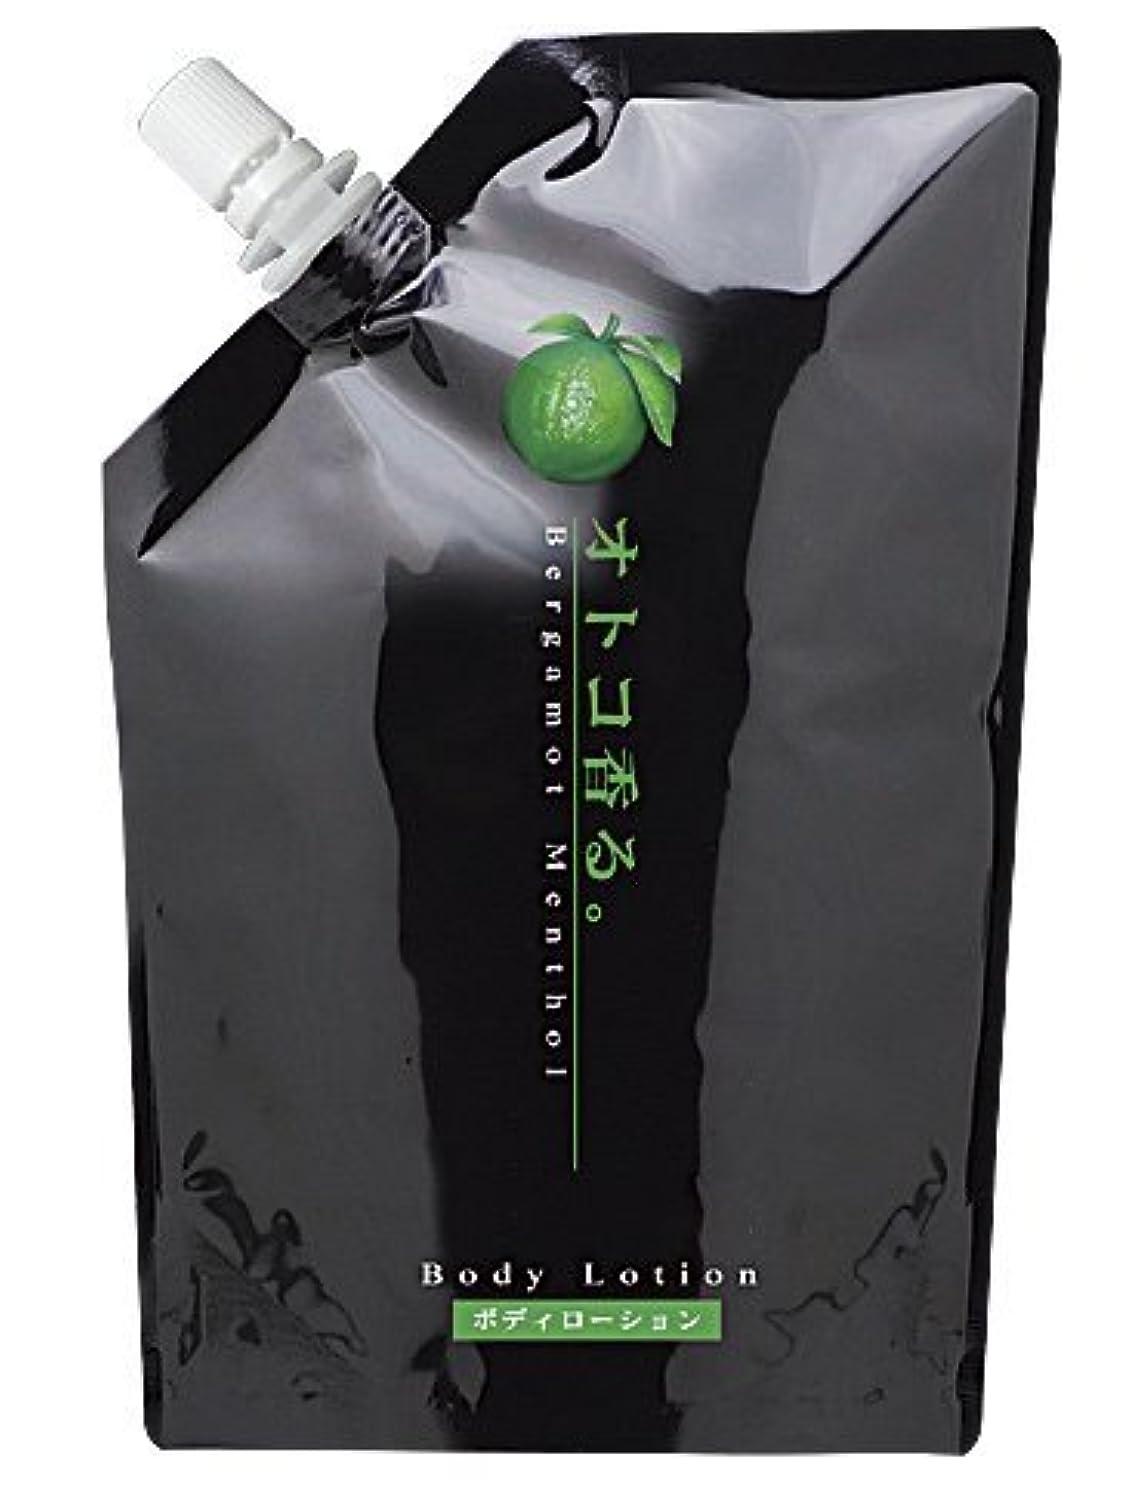 和フォーク感動するkracie(クラシエ) オトコ香る ボディローション ベルガモットの香り 微香性 業務用 家庭様向け 500ml 補充サイズ